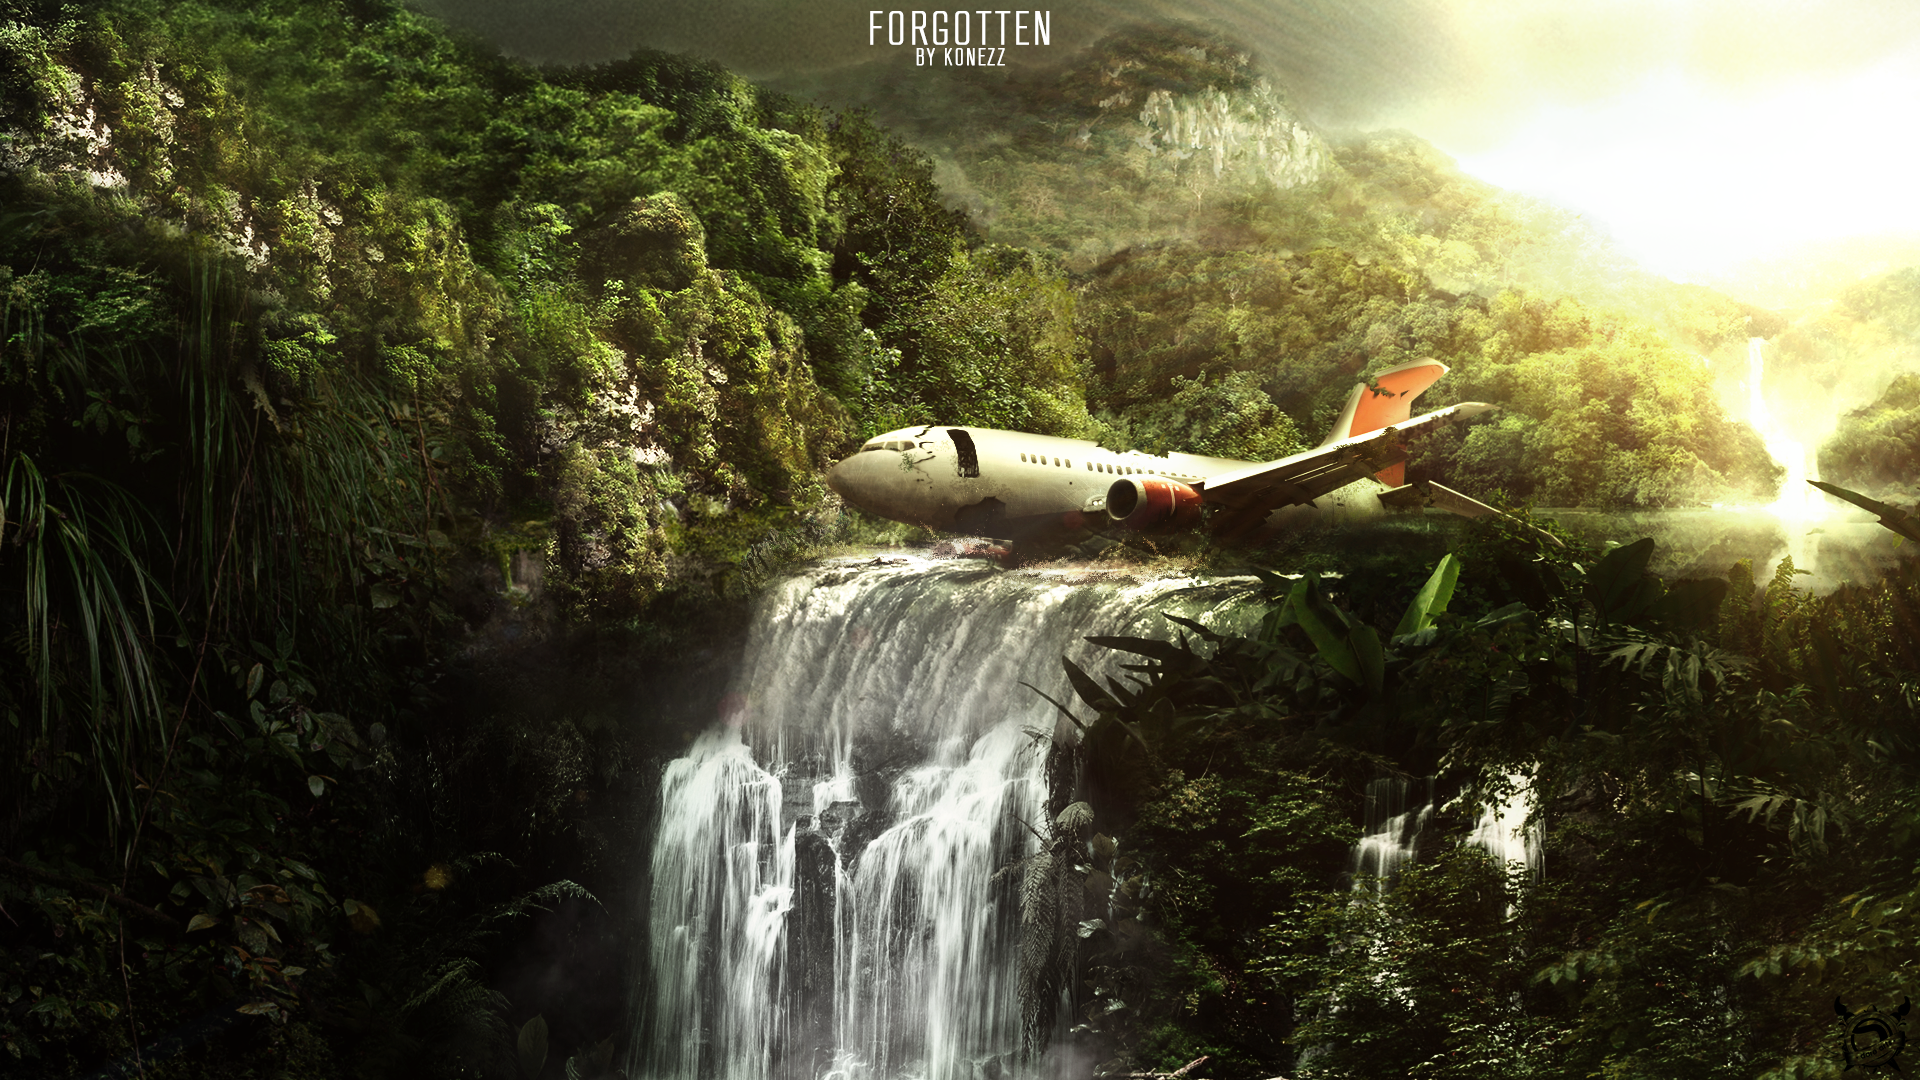 CGI - Dark Tropisch Wasserfall Dschungel Airplane Sunlight Wallpaper - Dschungel Hintergrund PNG